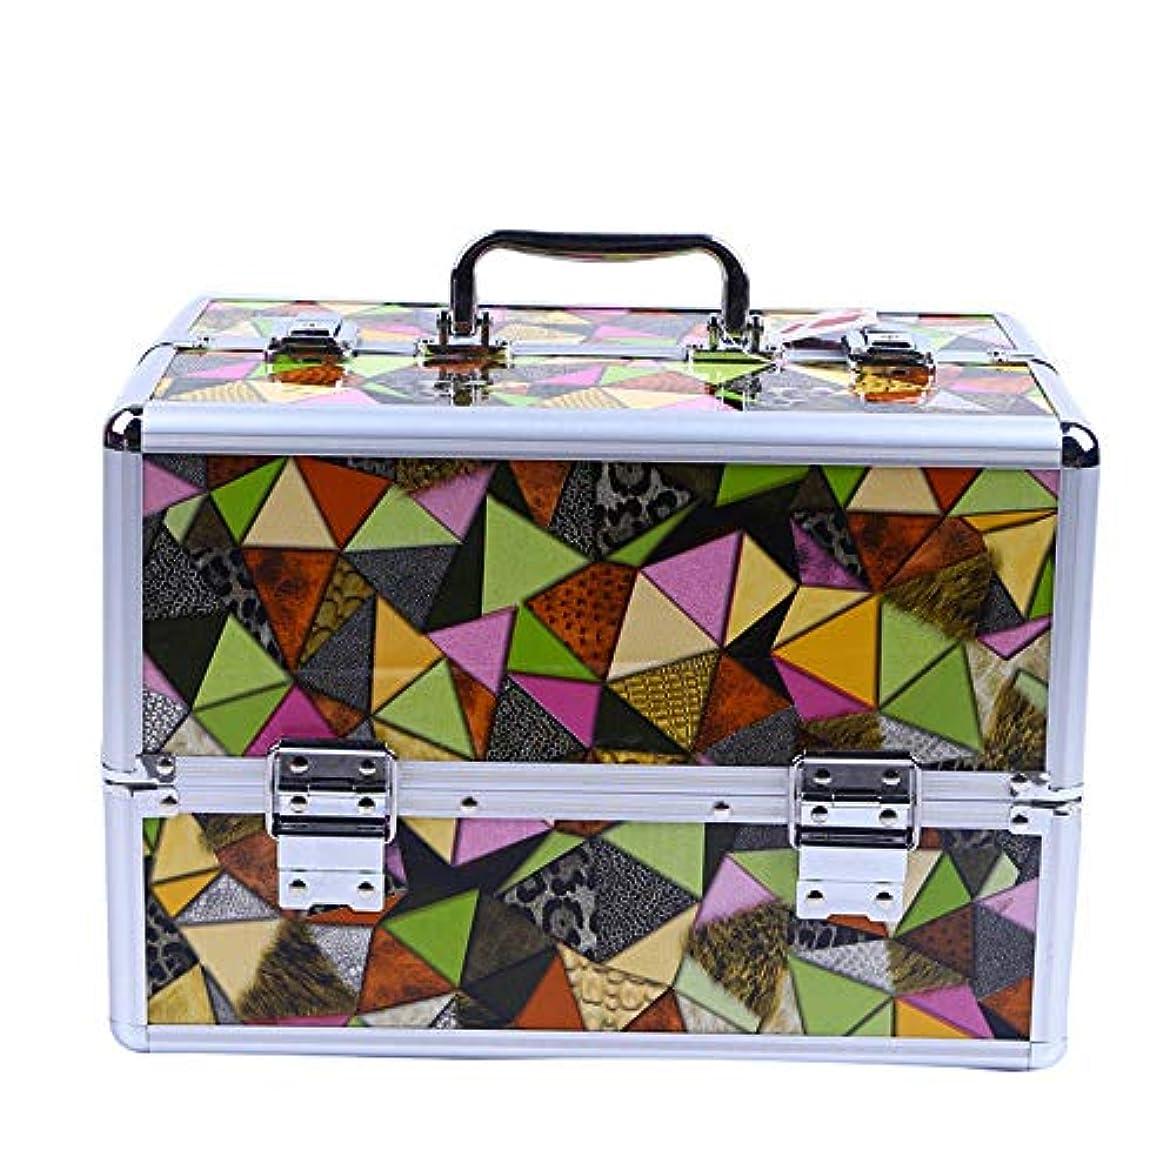 クレデンシャルそれにもかかわらずピンチ化粧オーガナイザーバッグ 高容量ポータブルPUレザー化粧品美容メイクアップ化粧ケース幾何学模様と折り畳みトレイ 化粧品ケース